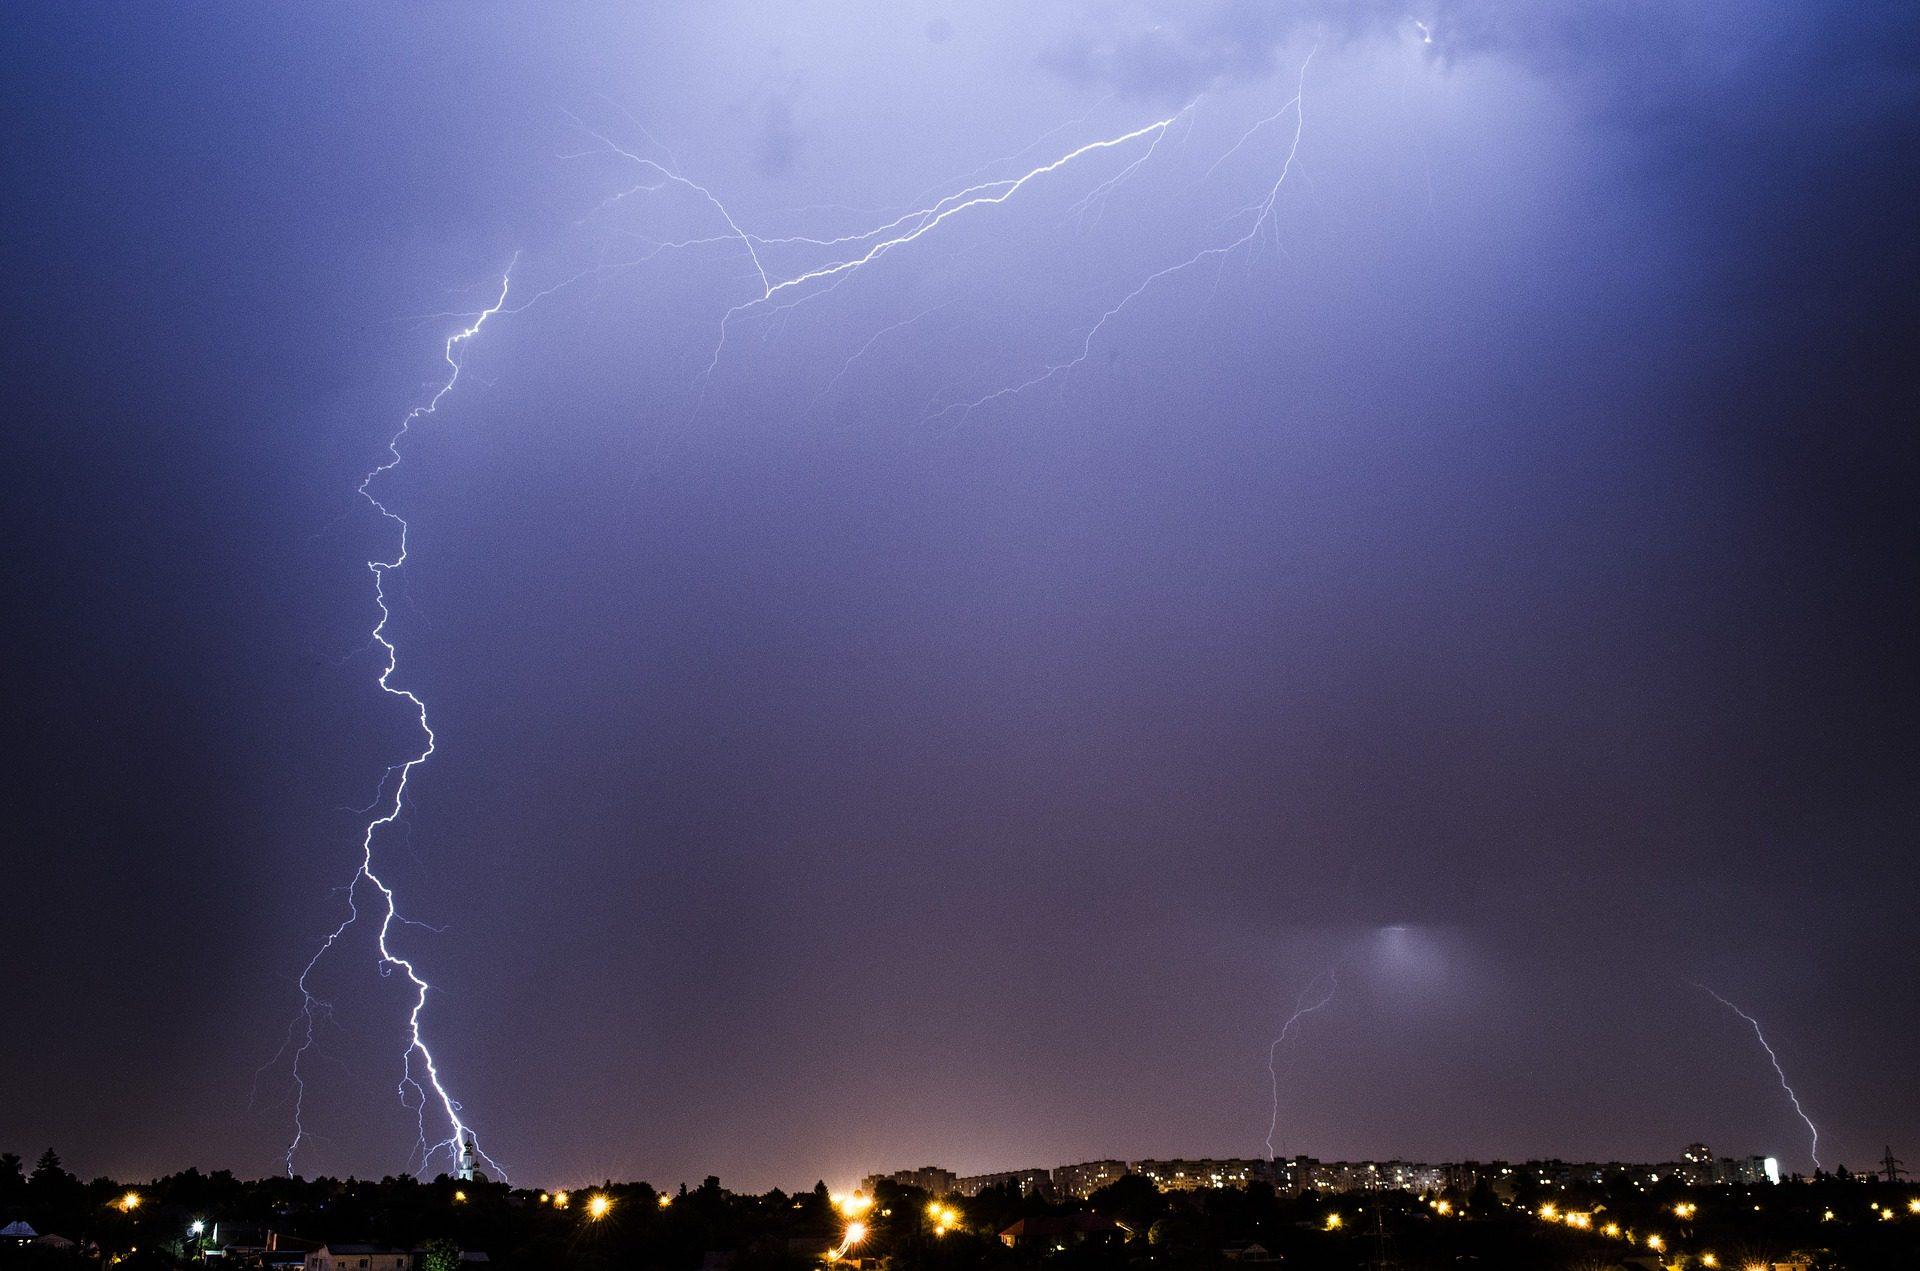 أشعة, ترانس, العاصفة, غائم, ليلة, مدينة, أضواء - خلفيات عالية الدقة - أستاذ falken.com